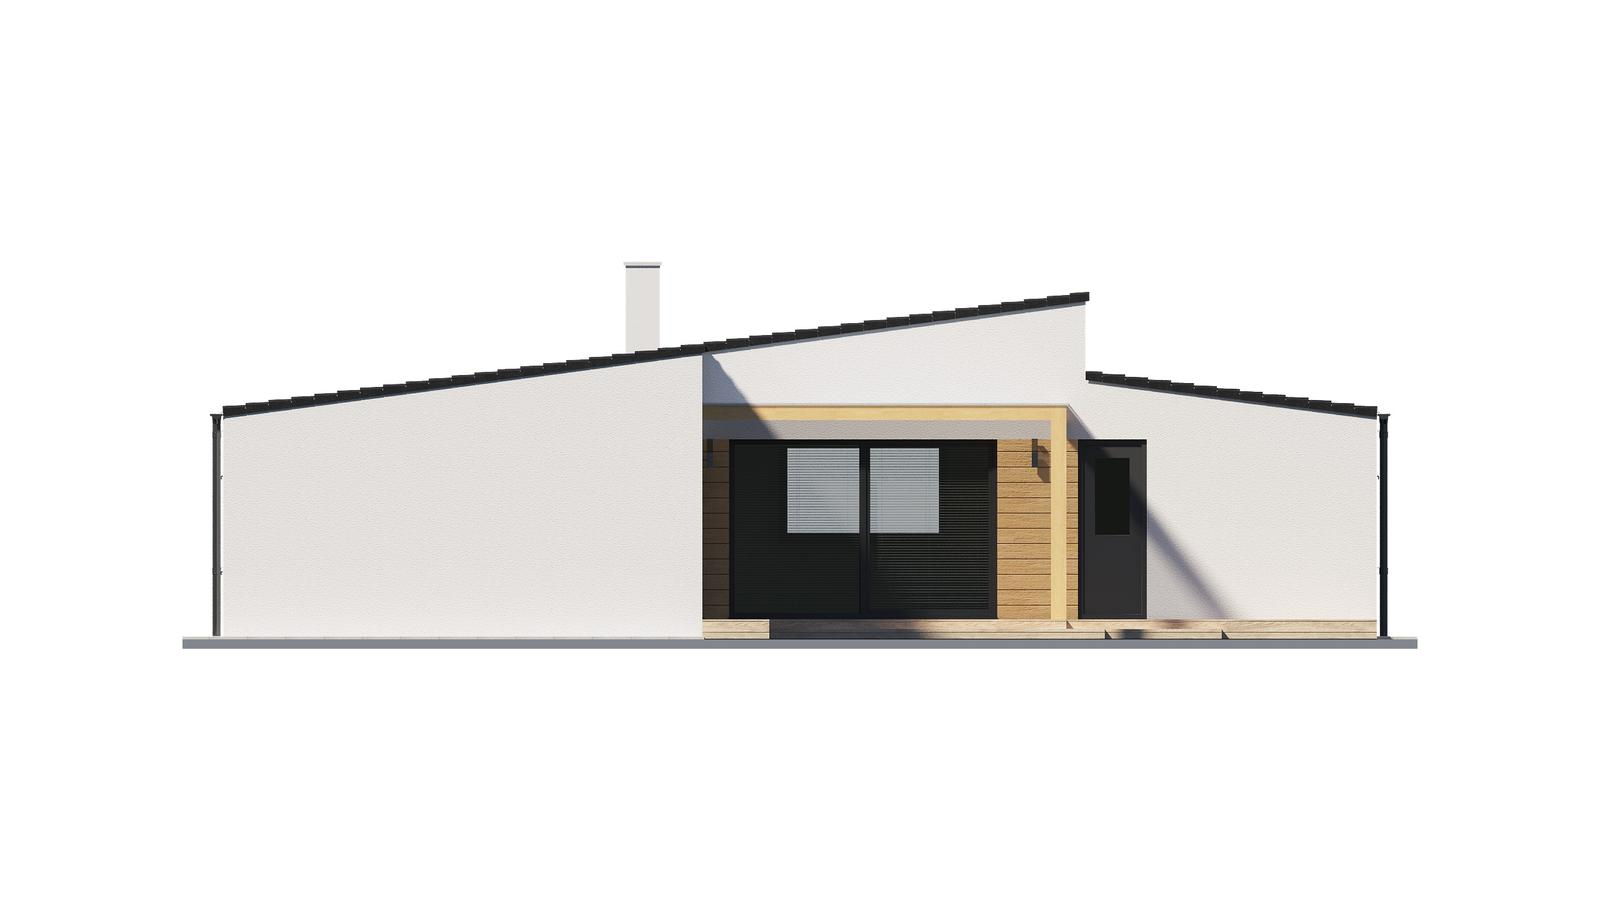 Ďalšie ukážky návrhov domčekov pre Vás - www.rodinny-dom.eu - Obrázok č. 3